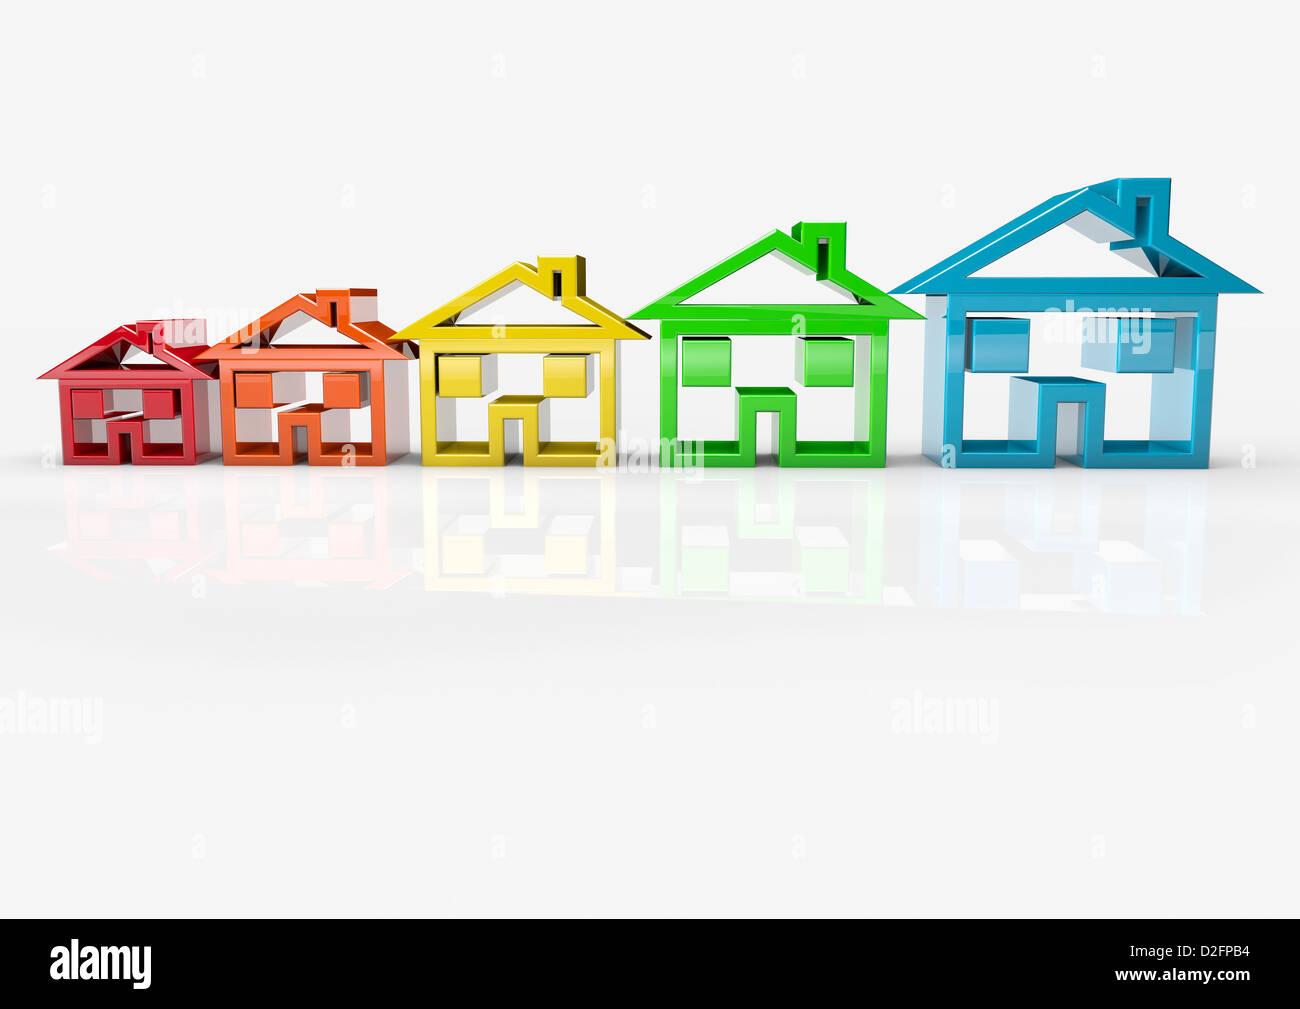 Casa símbolos que representan el mercado inmobiliario - el crecimiento comercial de reubicación / / / Imagen De Stock